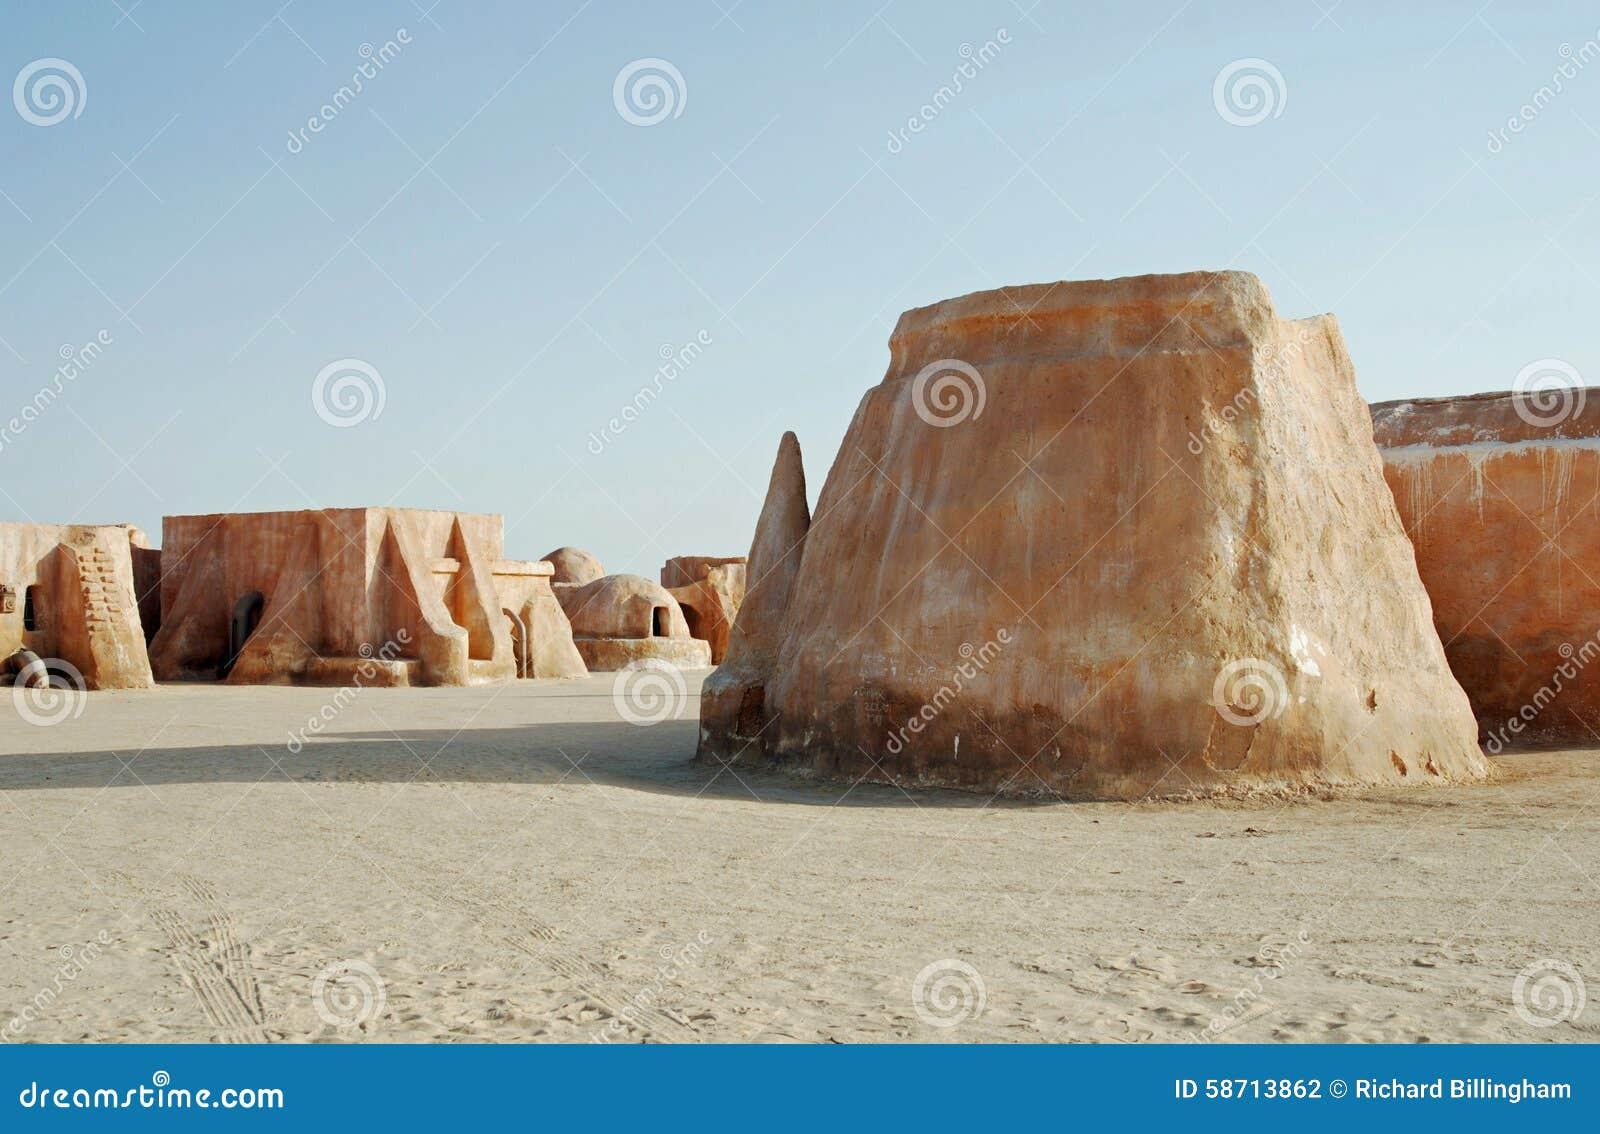 Mos Espa Star Wars-film in Sahara Desert wordt geplaatst die